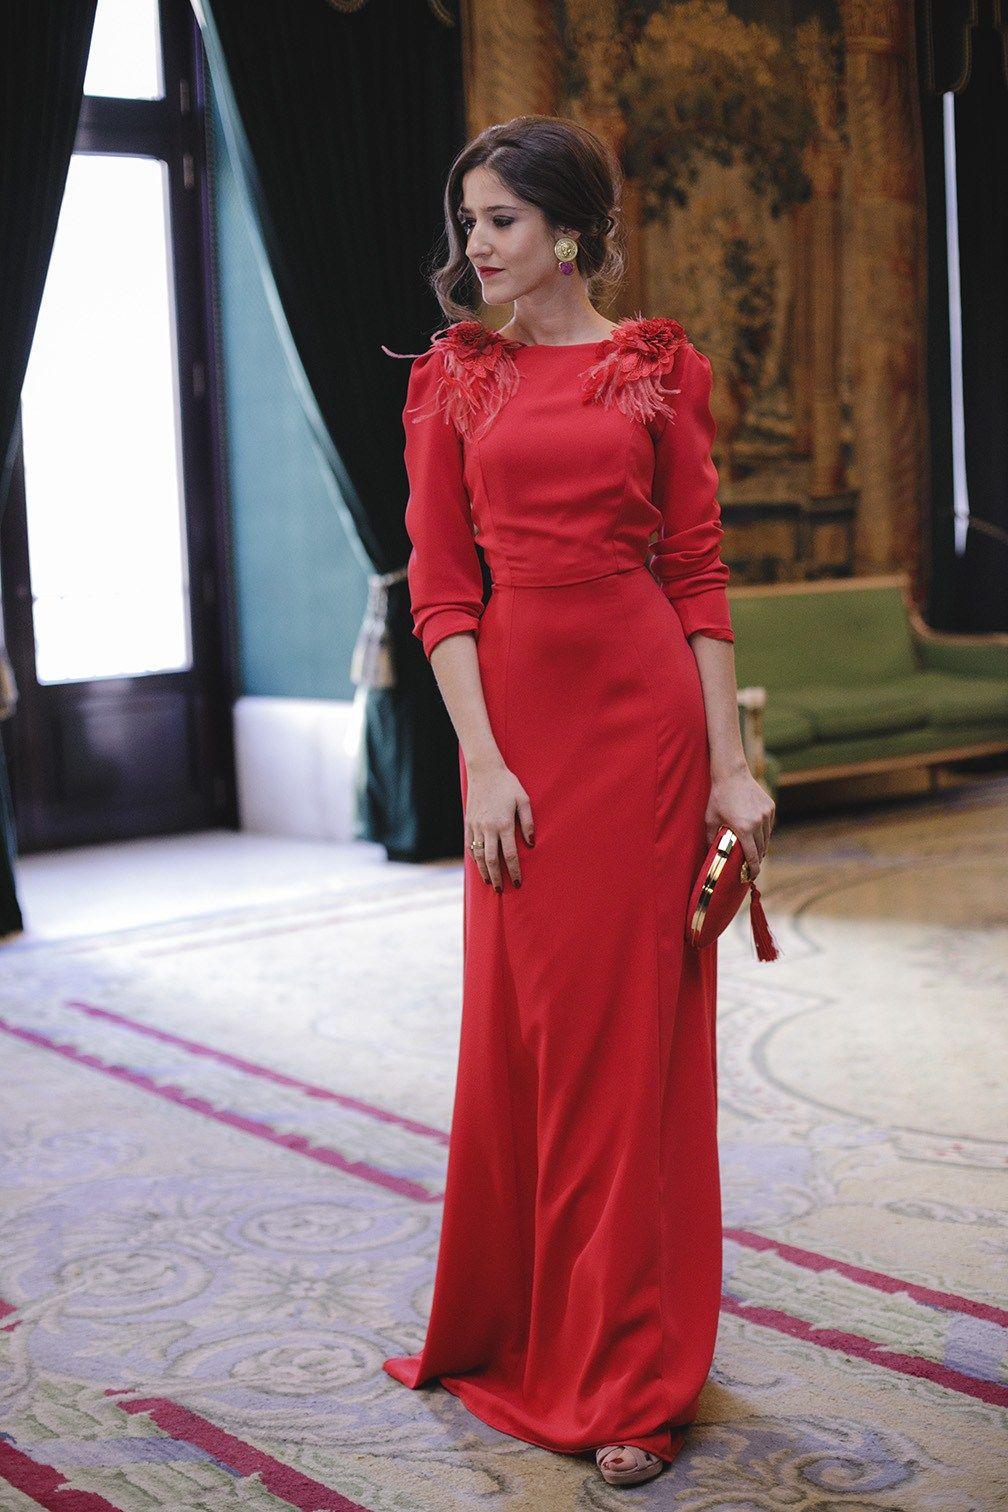 21b38387f90 Look invitada boda noche vestido rojo largo espalda | vestidos en ...